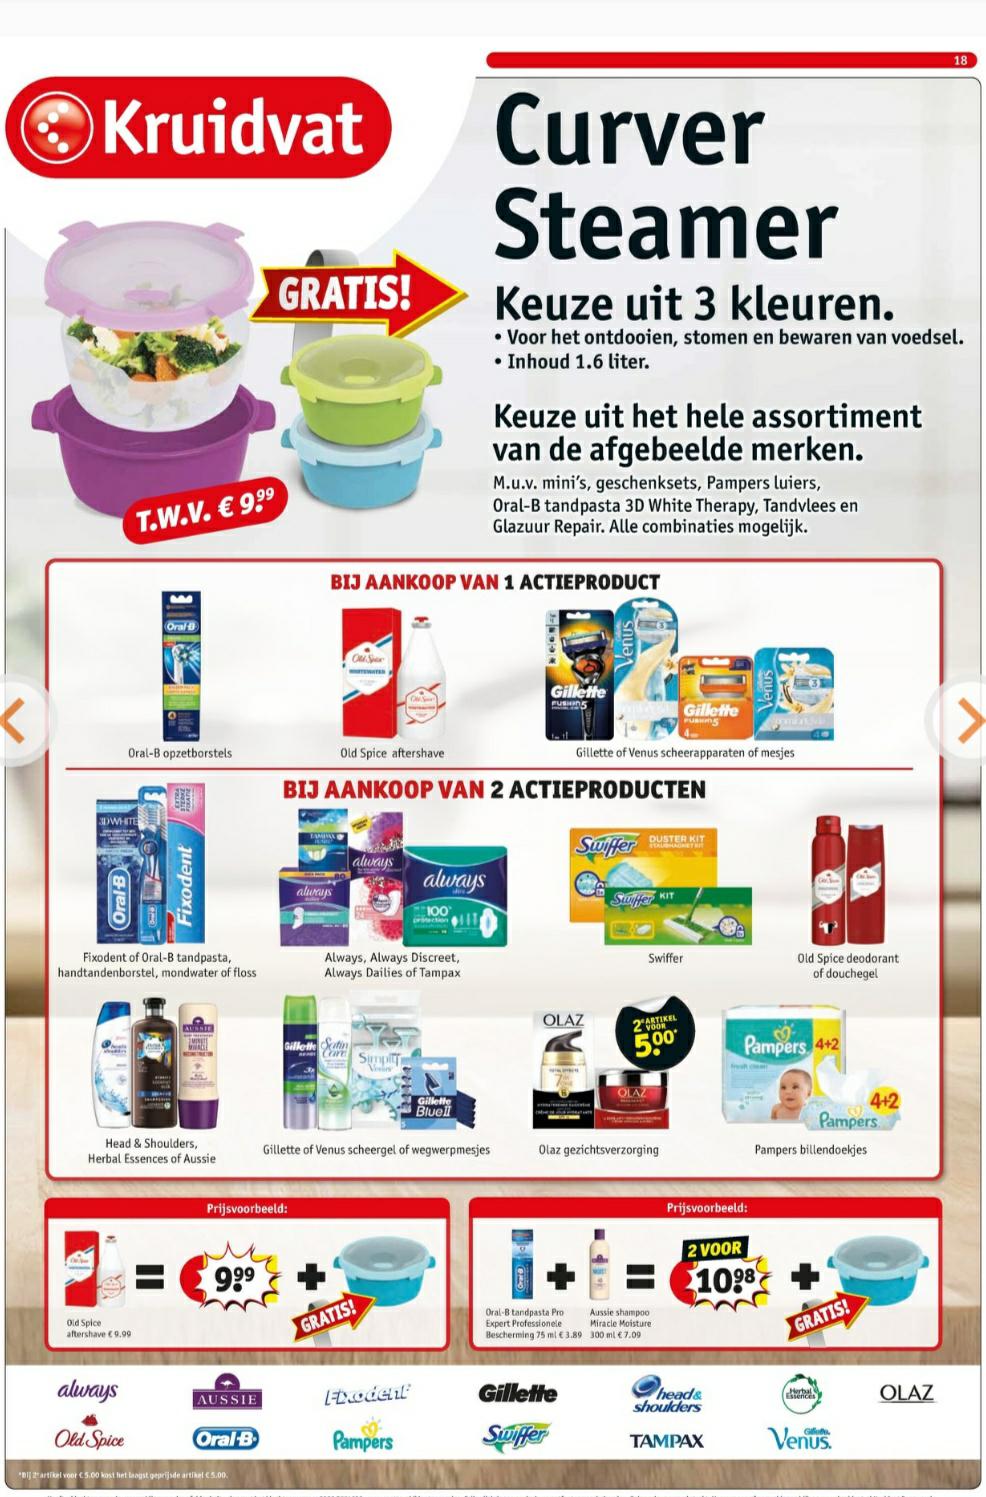 Curver Steamer t.w.v. € 9.99 gratis bij 1 of 2 actieproducten @ Kruidvat.